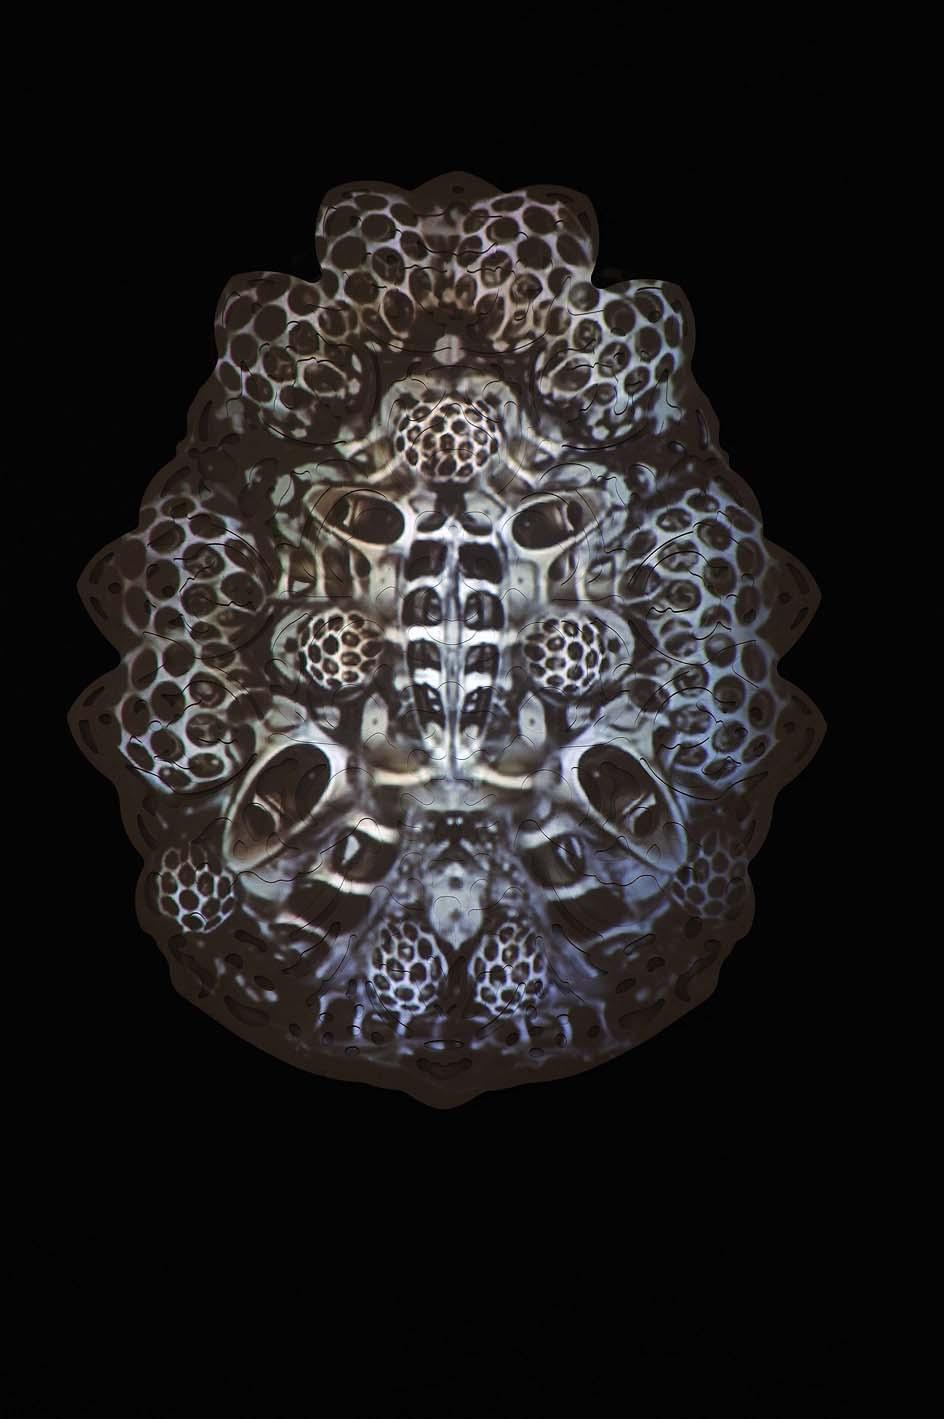 rohini-devasher-copyright-fossus-2011(10)